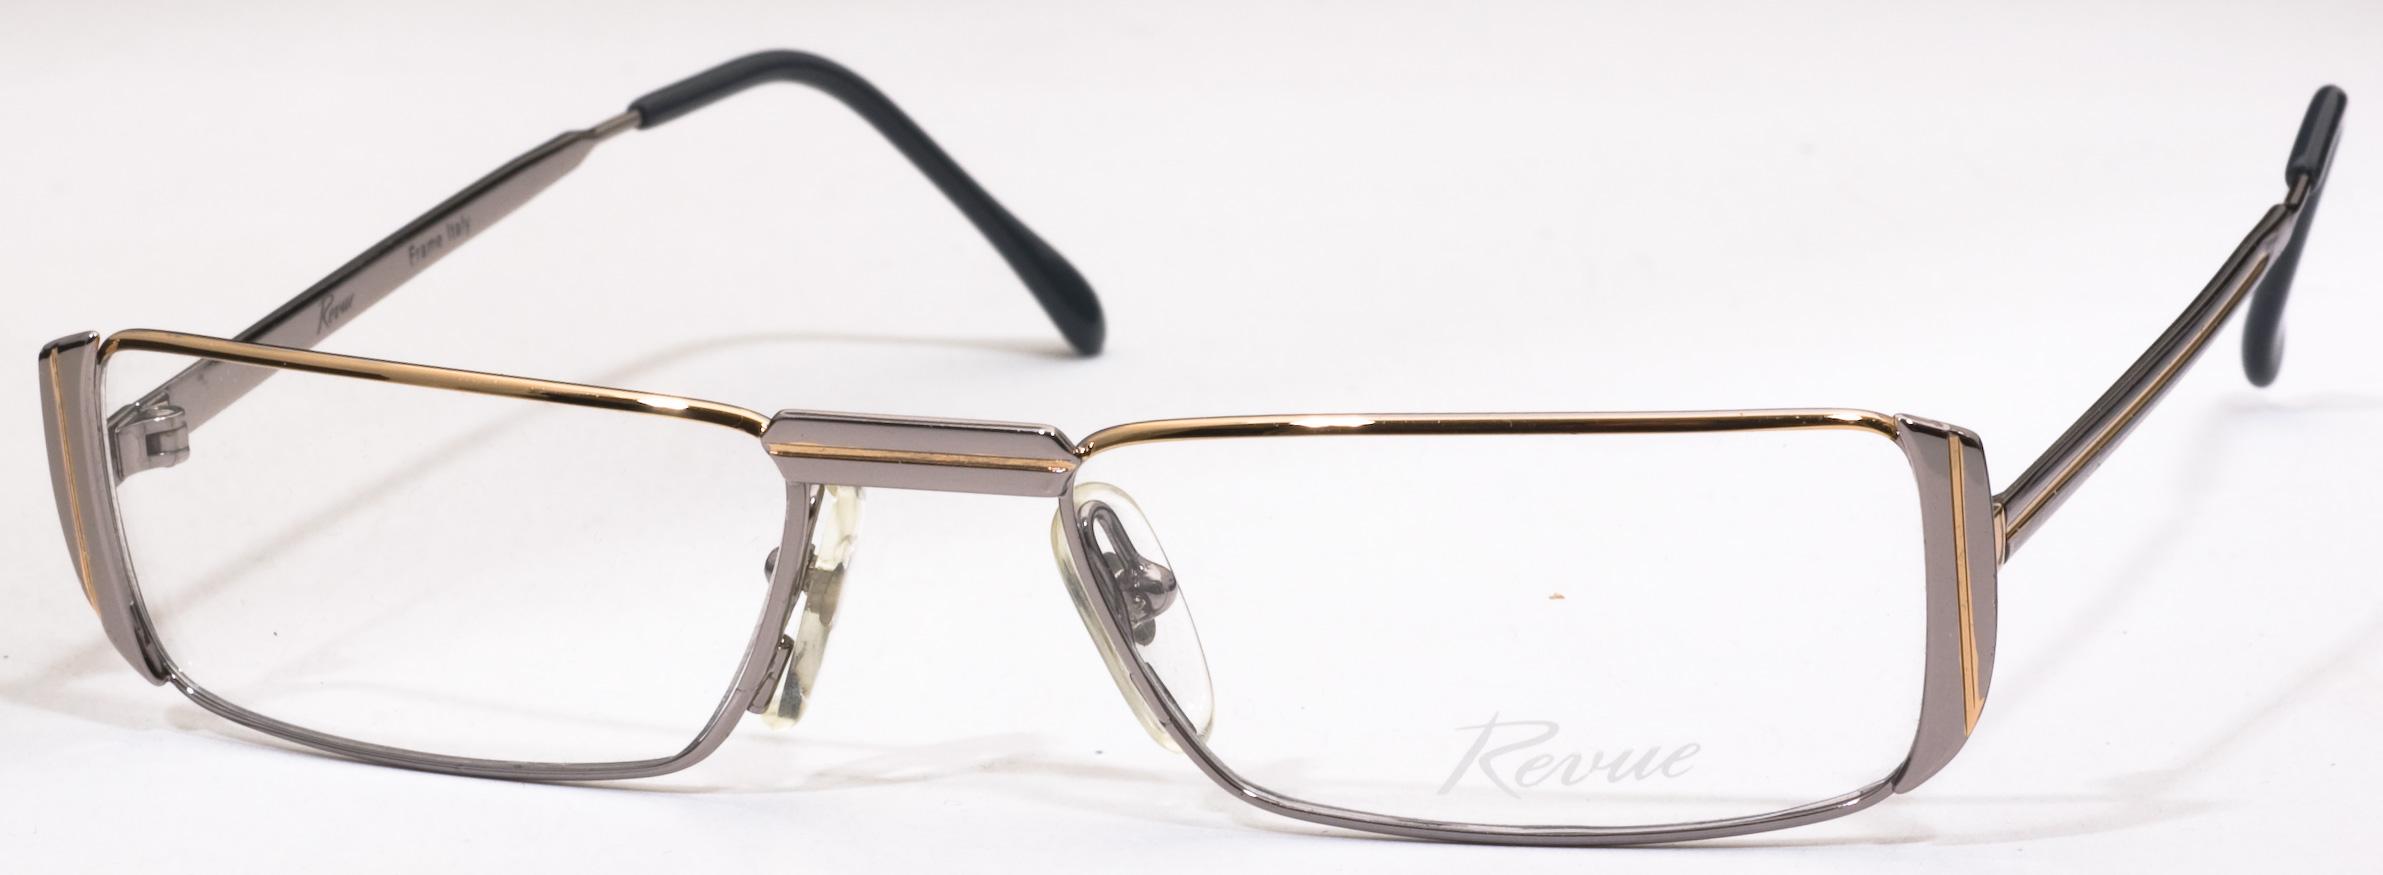 Image of 166 Eyeglasses, Shiny Gold/Shiny Rhodium